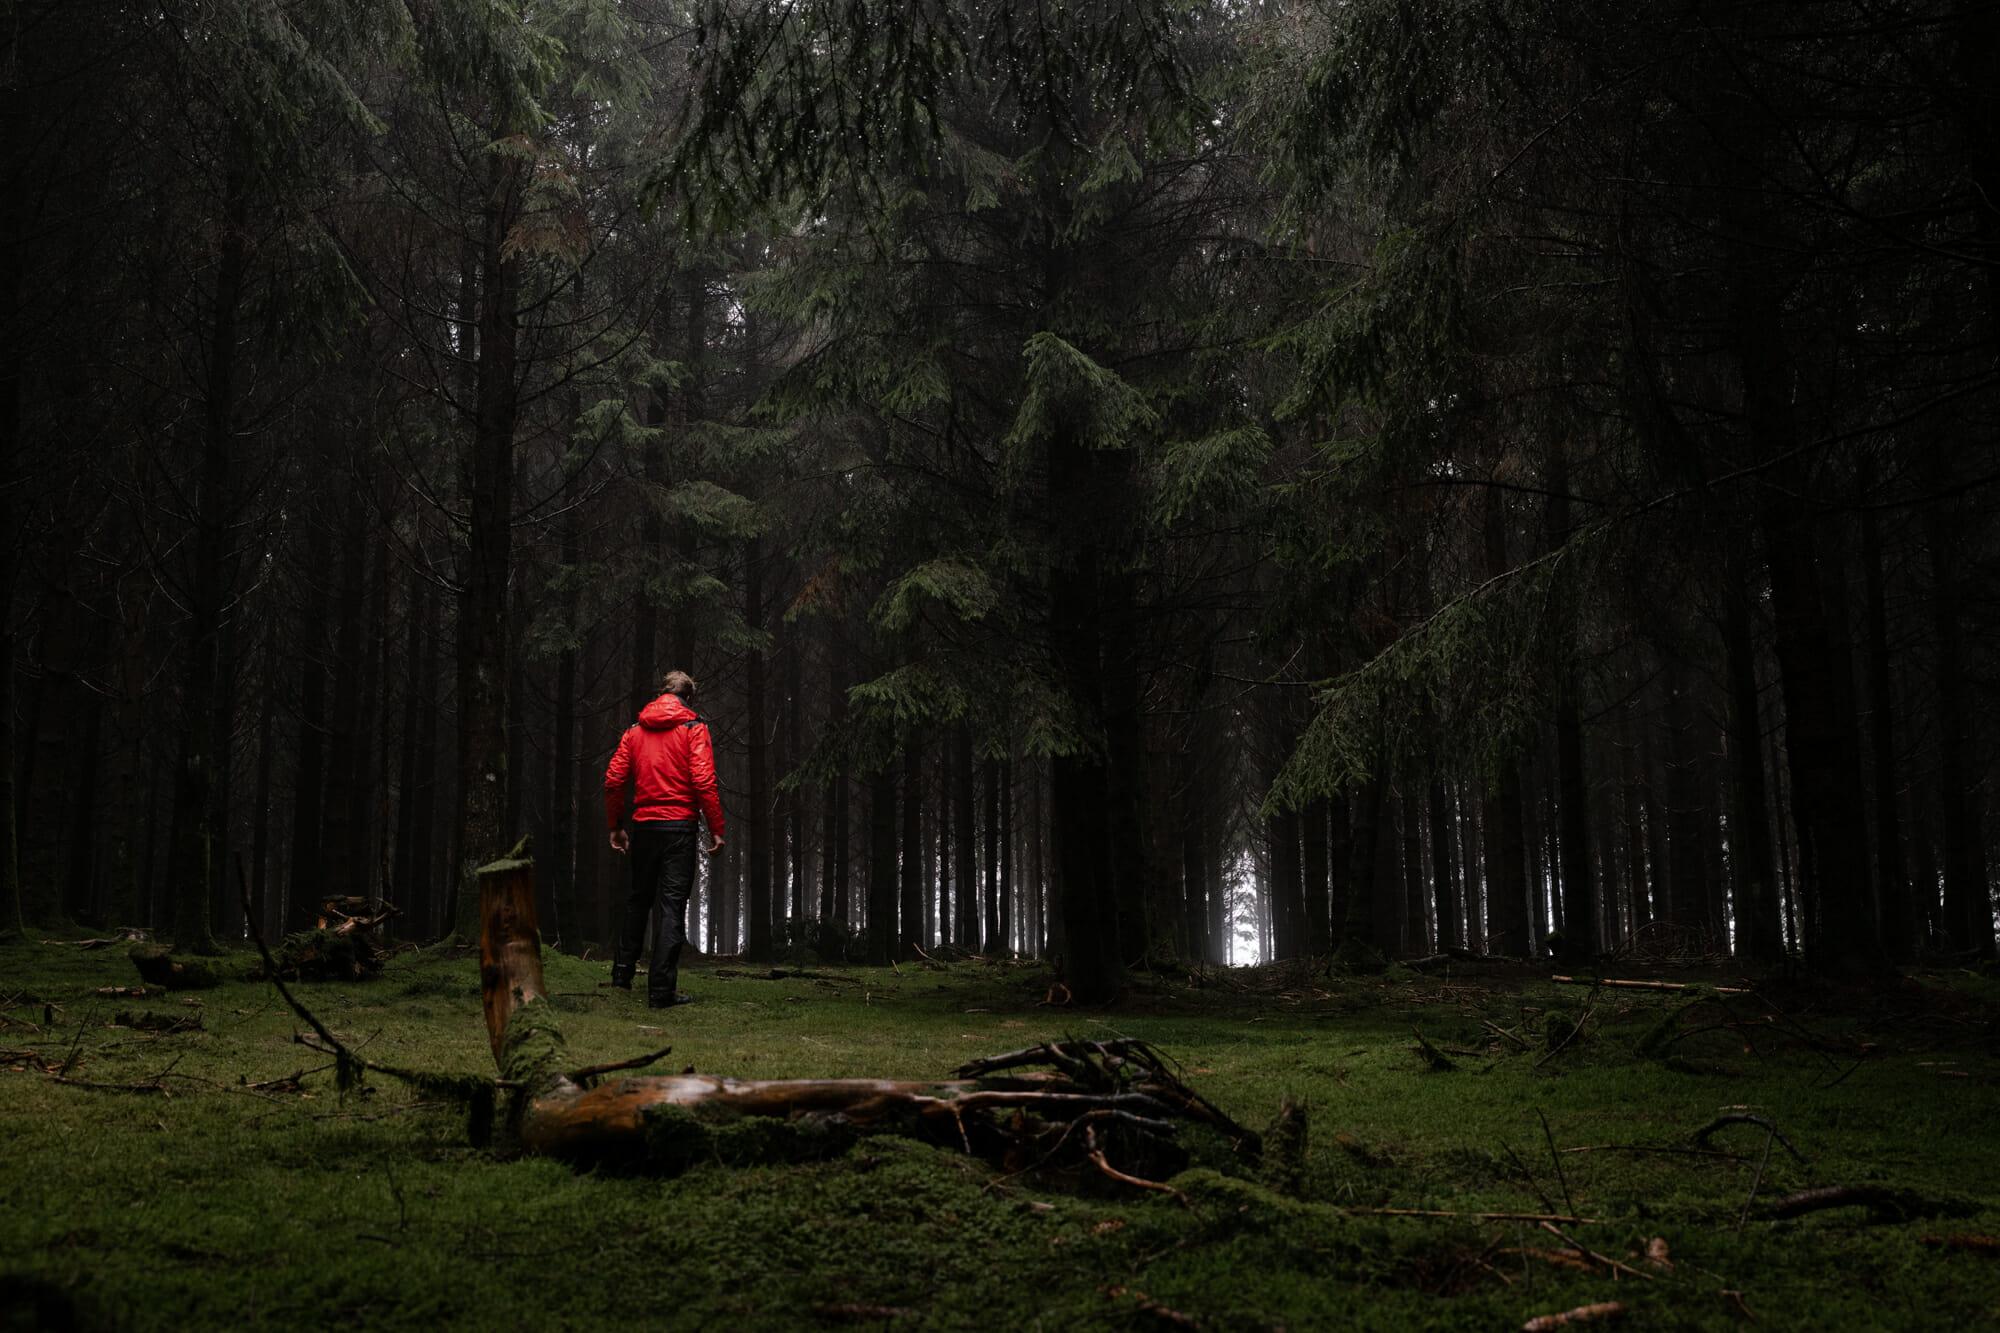 Randonneur en Forêt d'Anlier